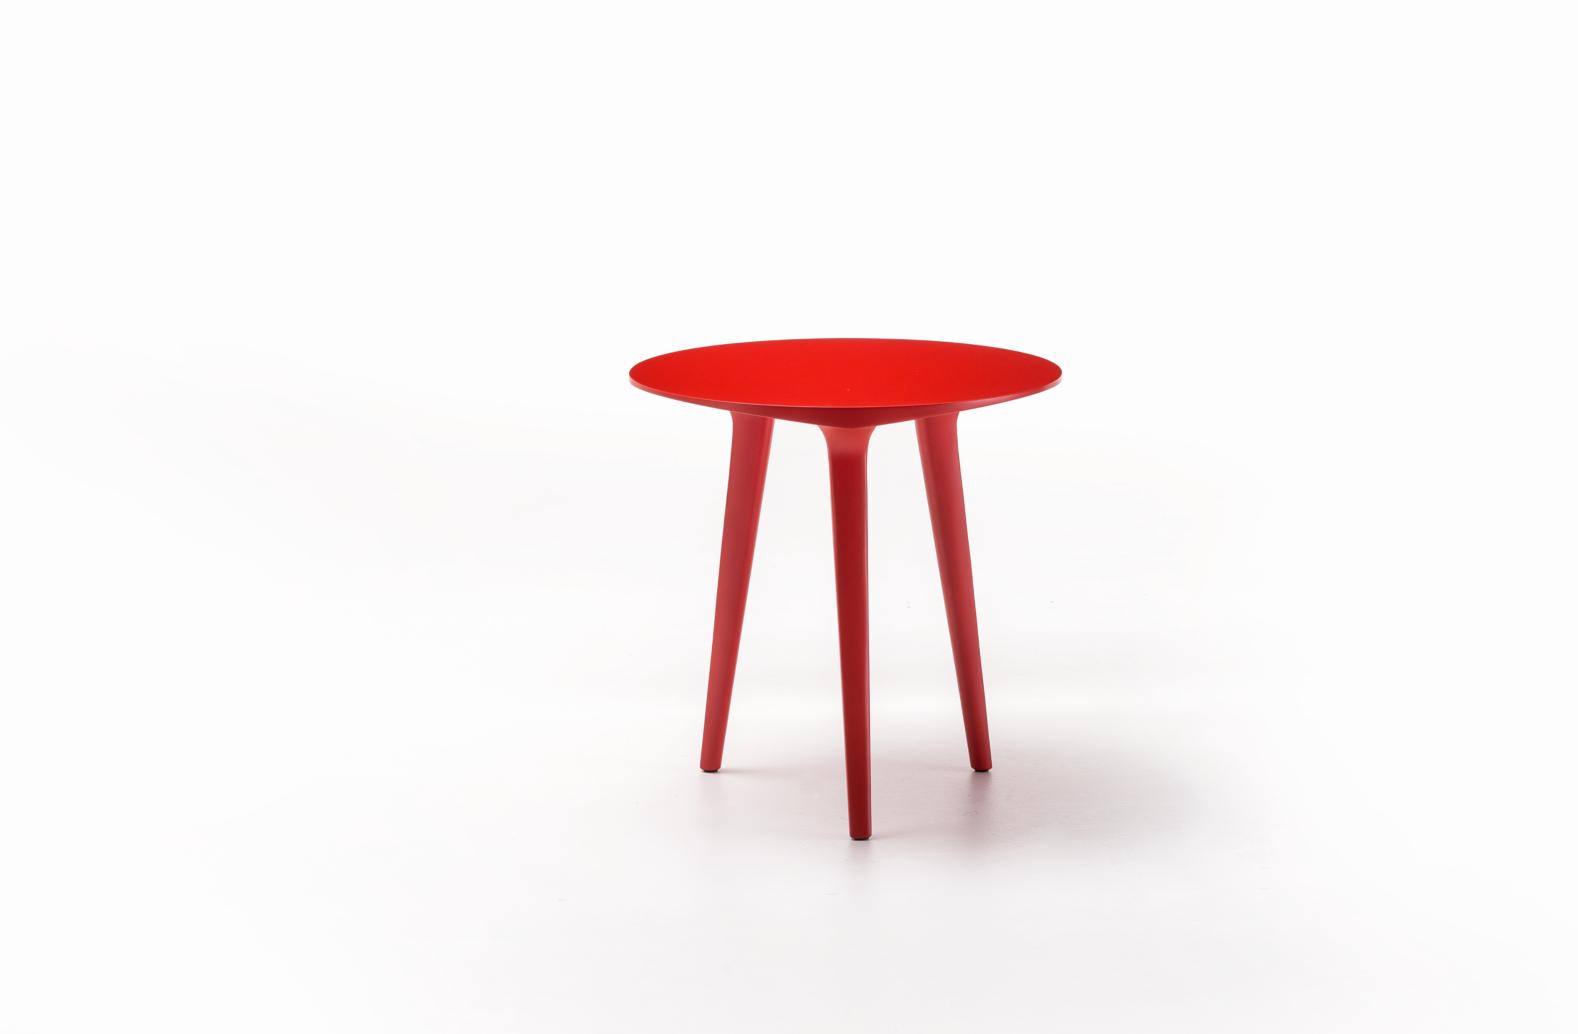 Table basse Ademar Coffee de Bross coloris rouge (vue éloignée)